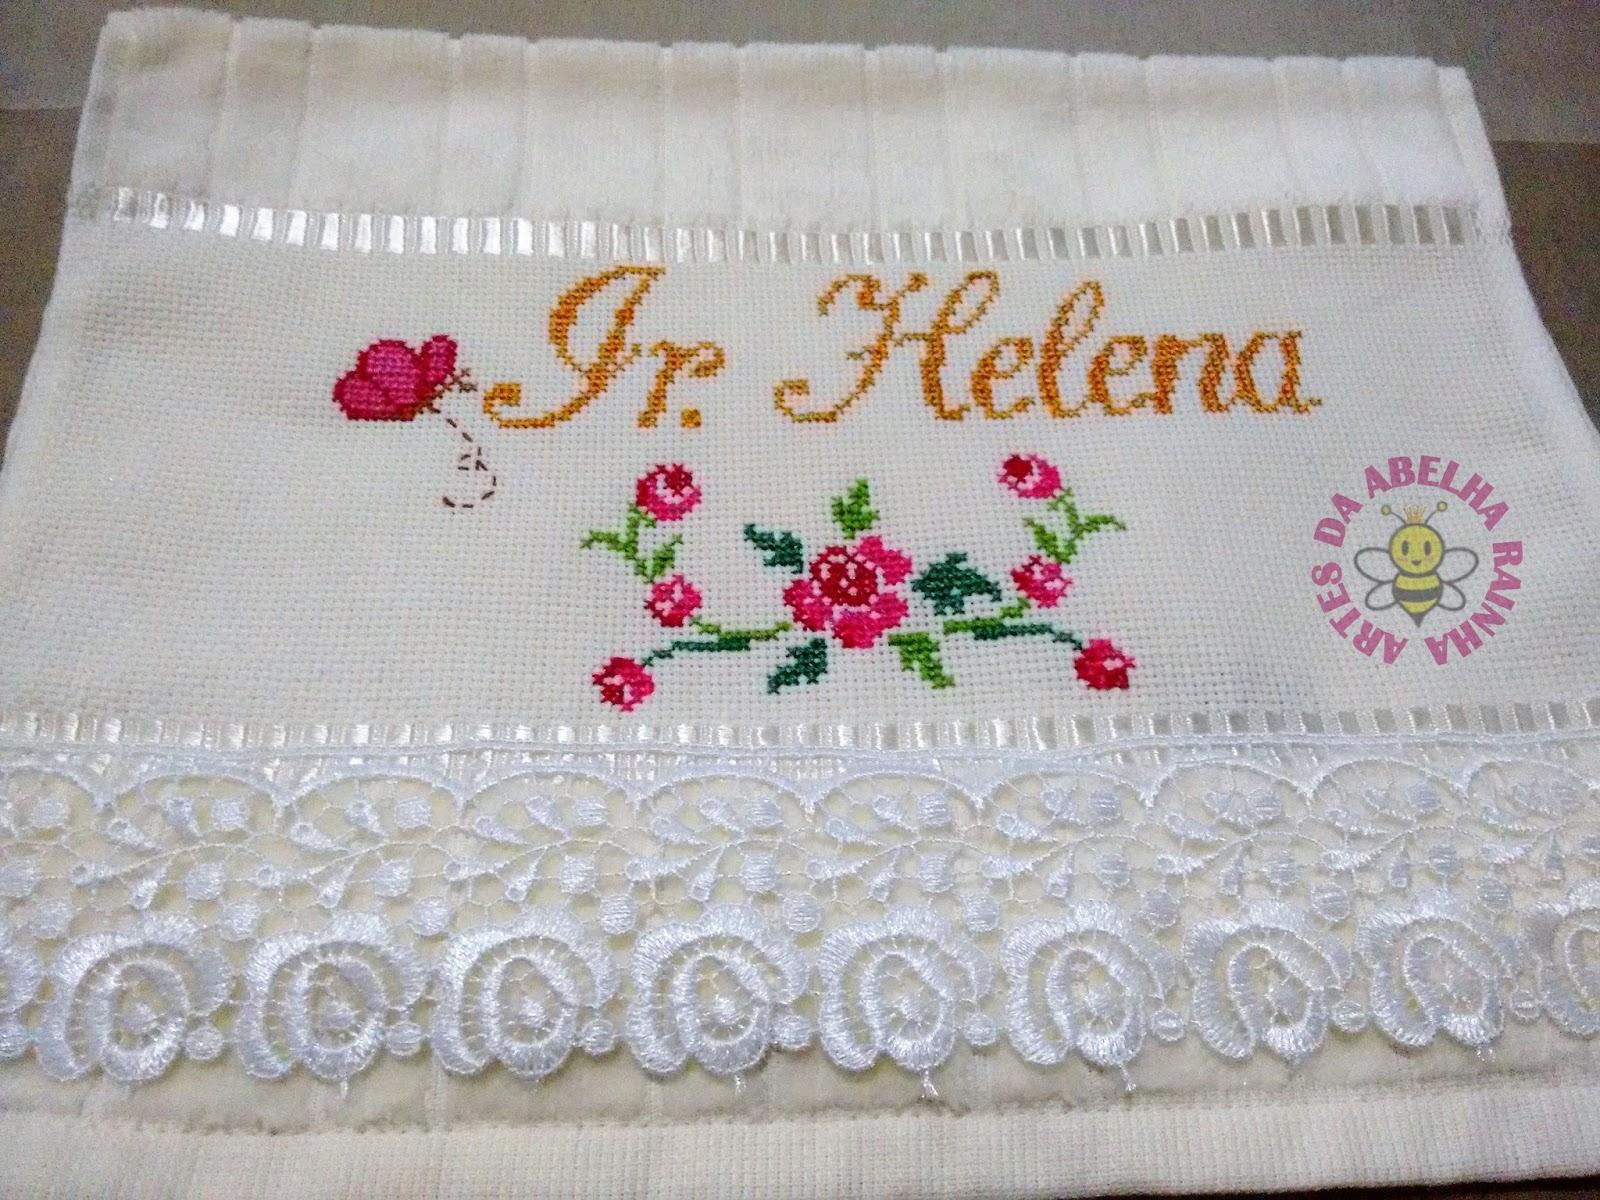 Artes Da Abelha Rainha Toalhas Personalizadas Com Flores Bordadas